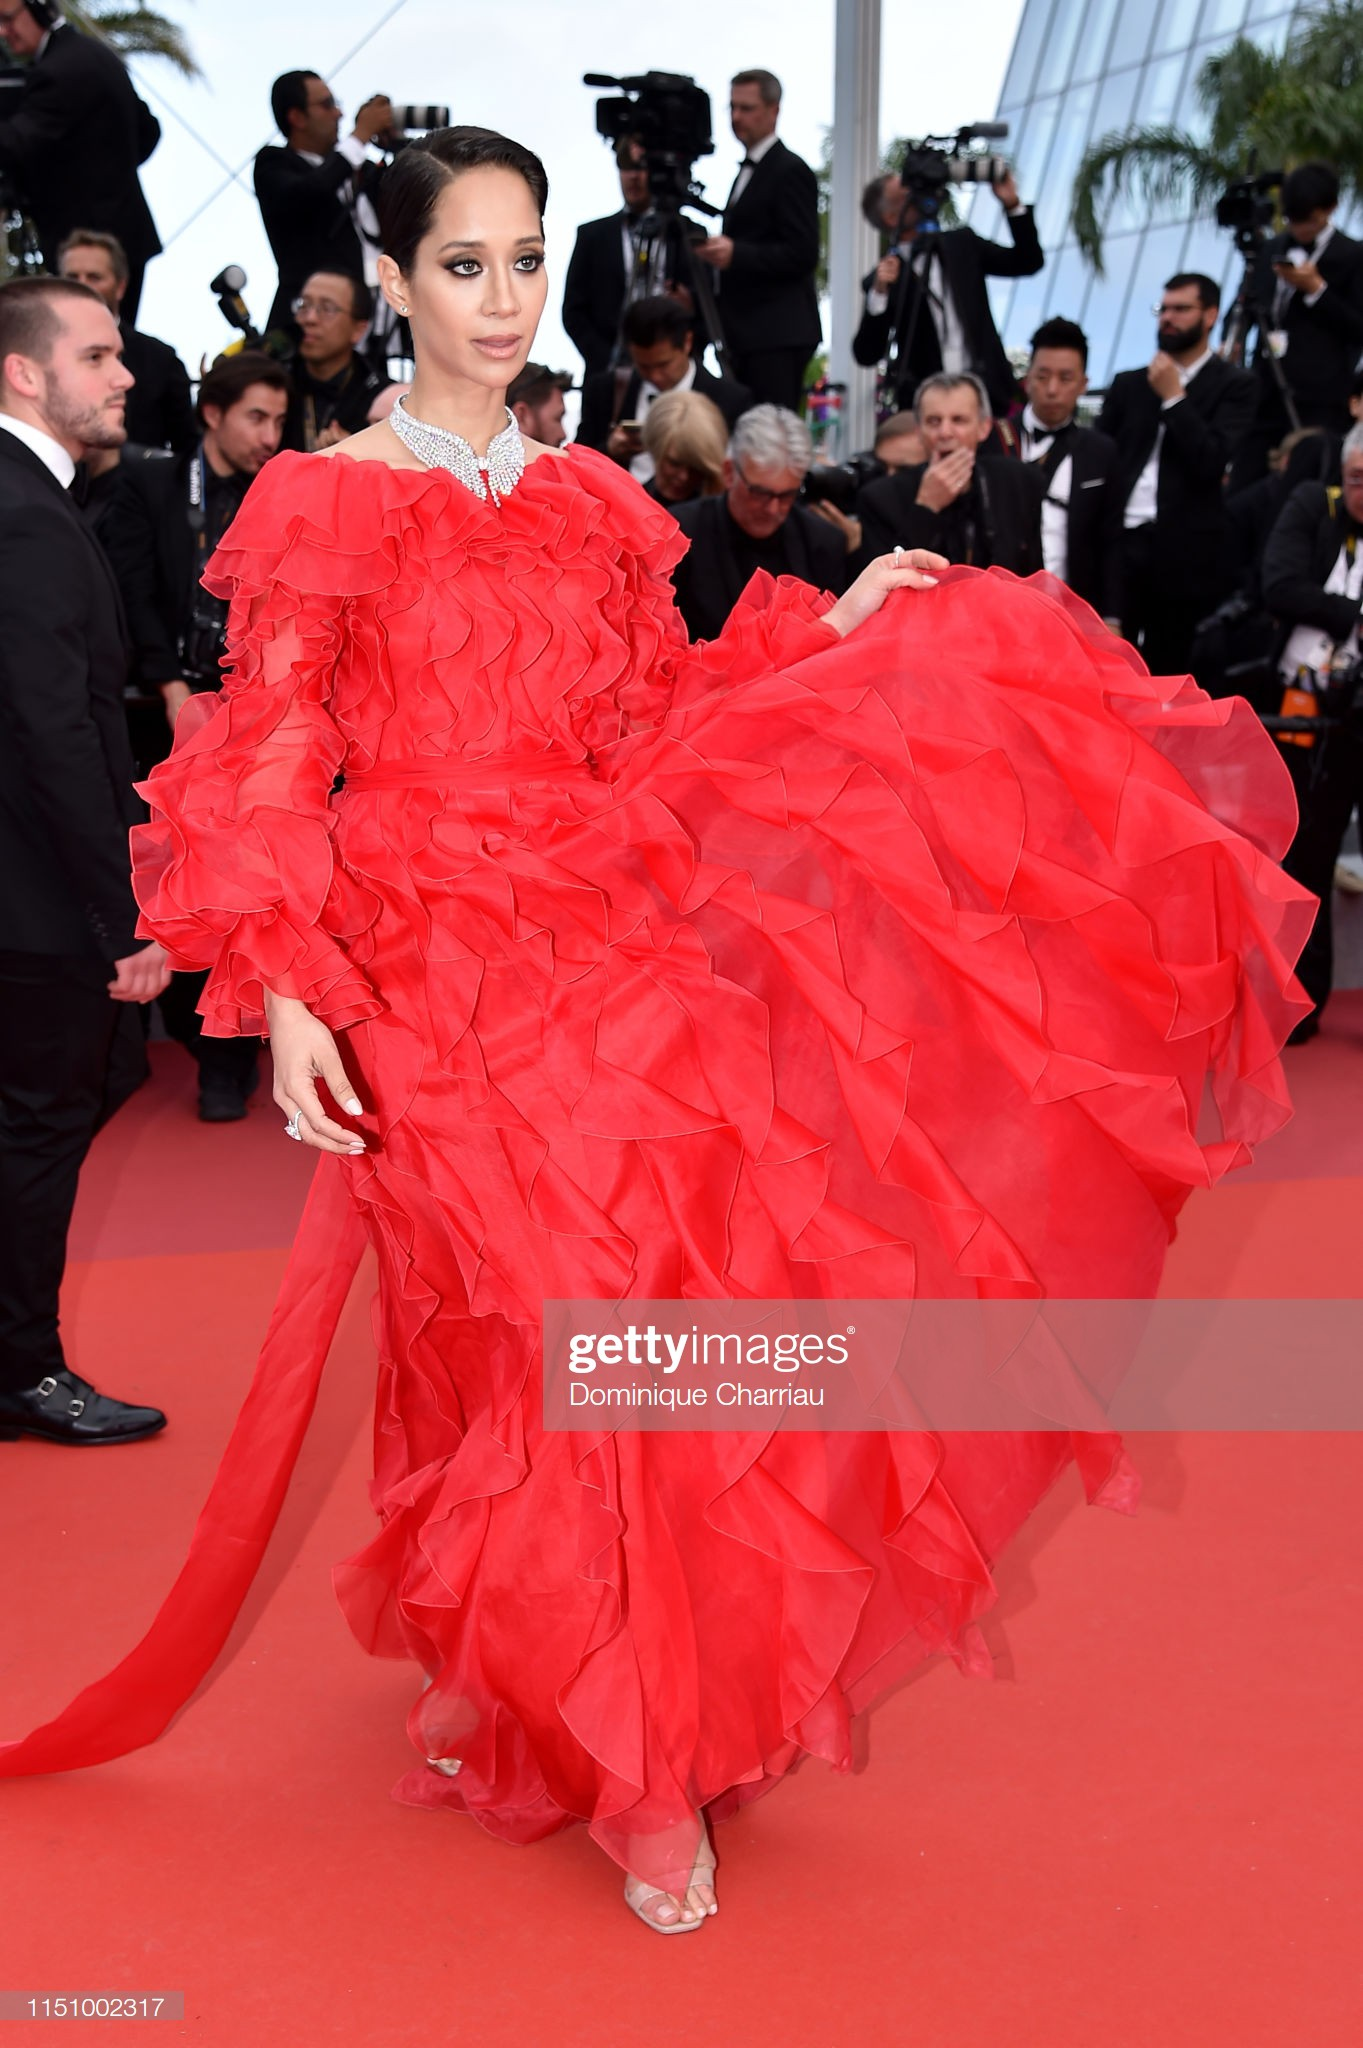 Cannes ngày 8: Mỹ nhân Ý khoe vòng 1 nhức mắt, dàn người mẫu Hollywood tung chiêu hết cỡ tại thảm đỏ - Ảnh 18.